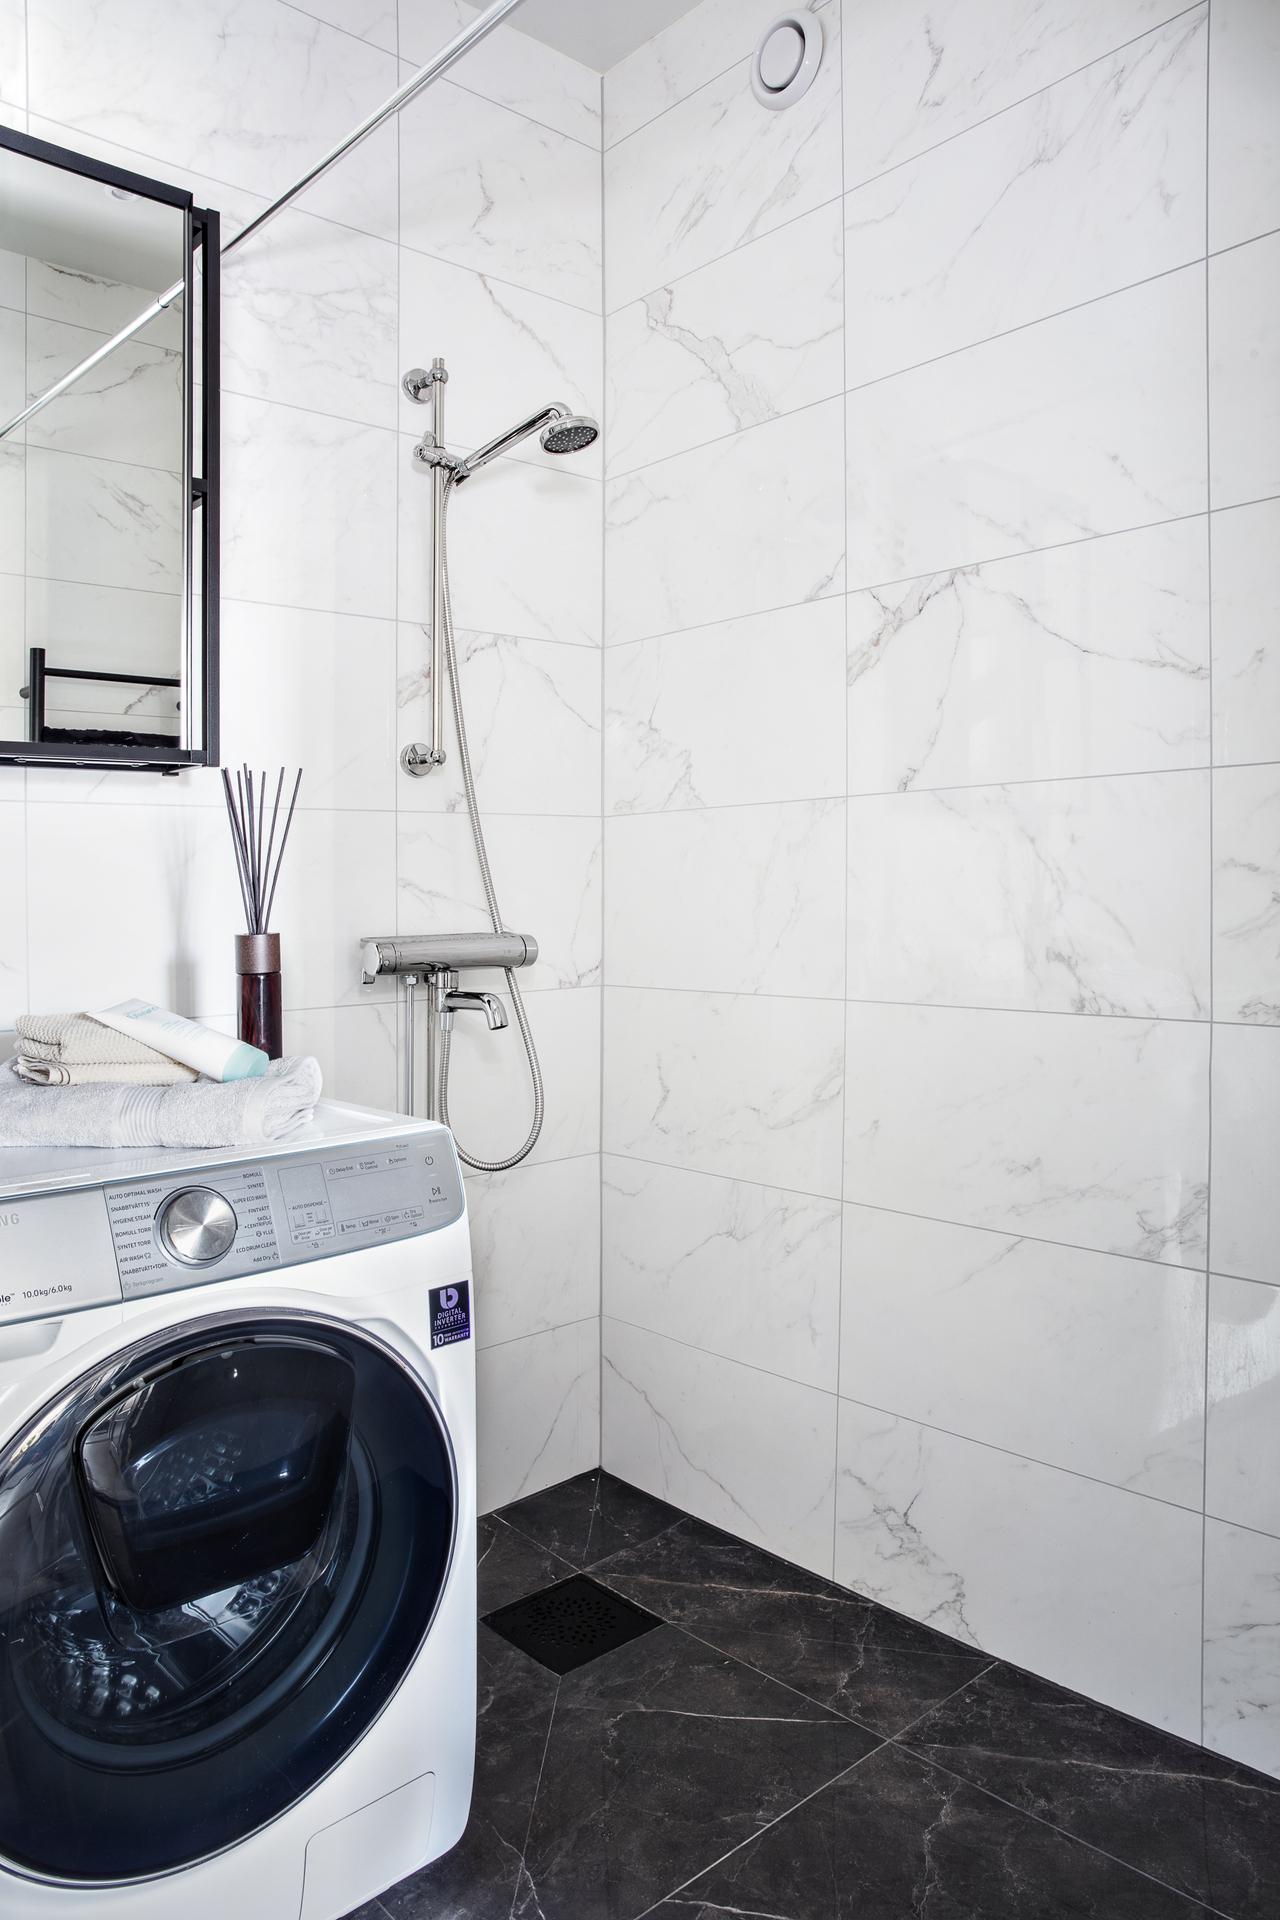 Här finns en duschhörna och en kombinerad tvätt- /torkmaskin